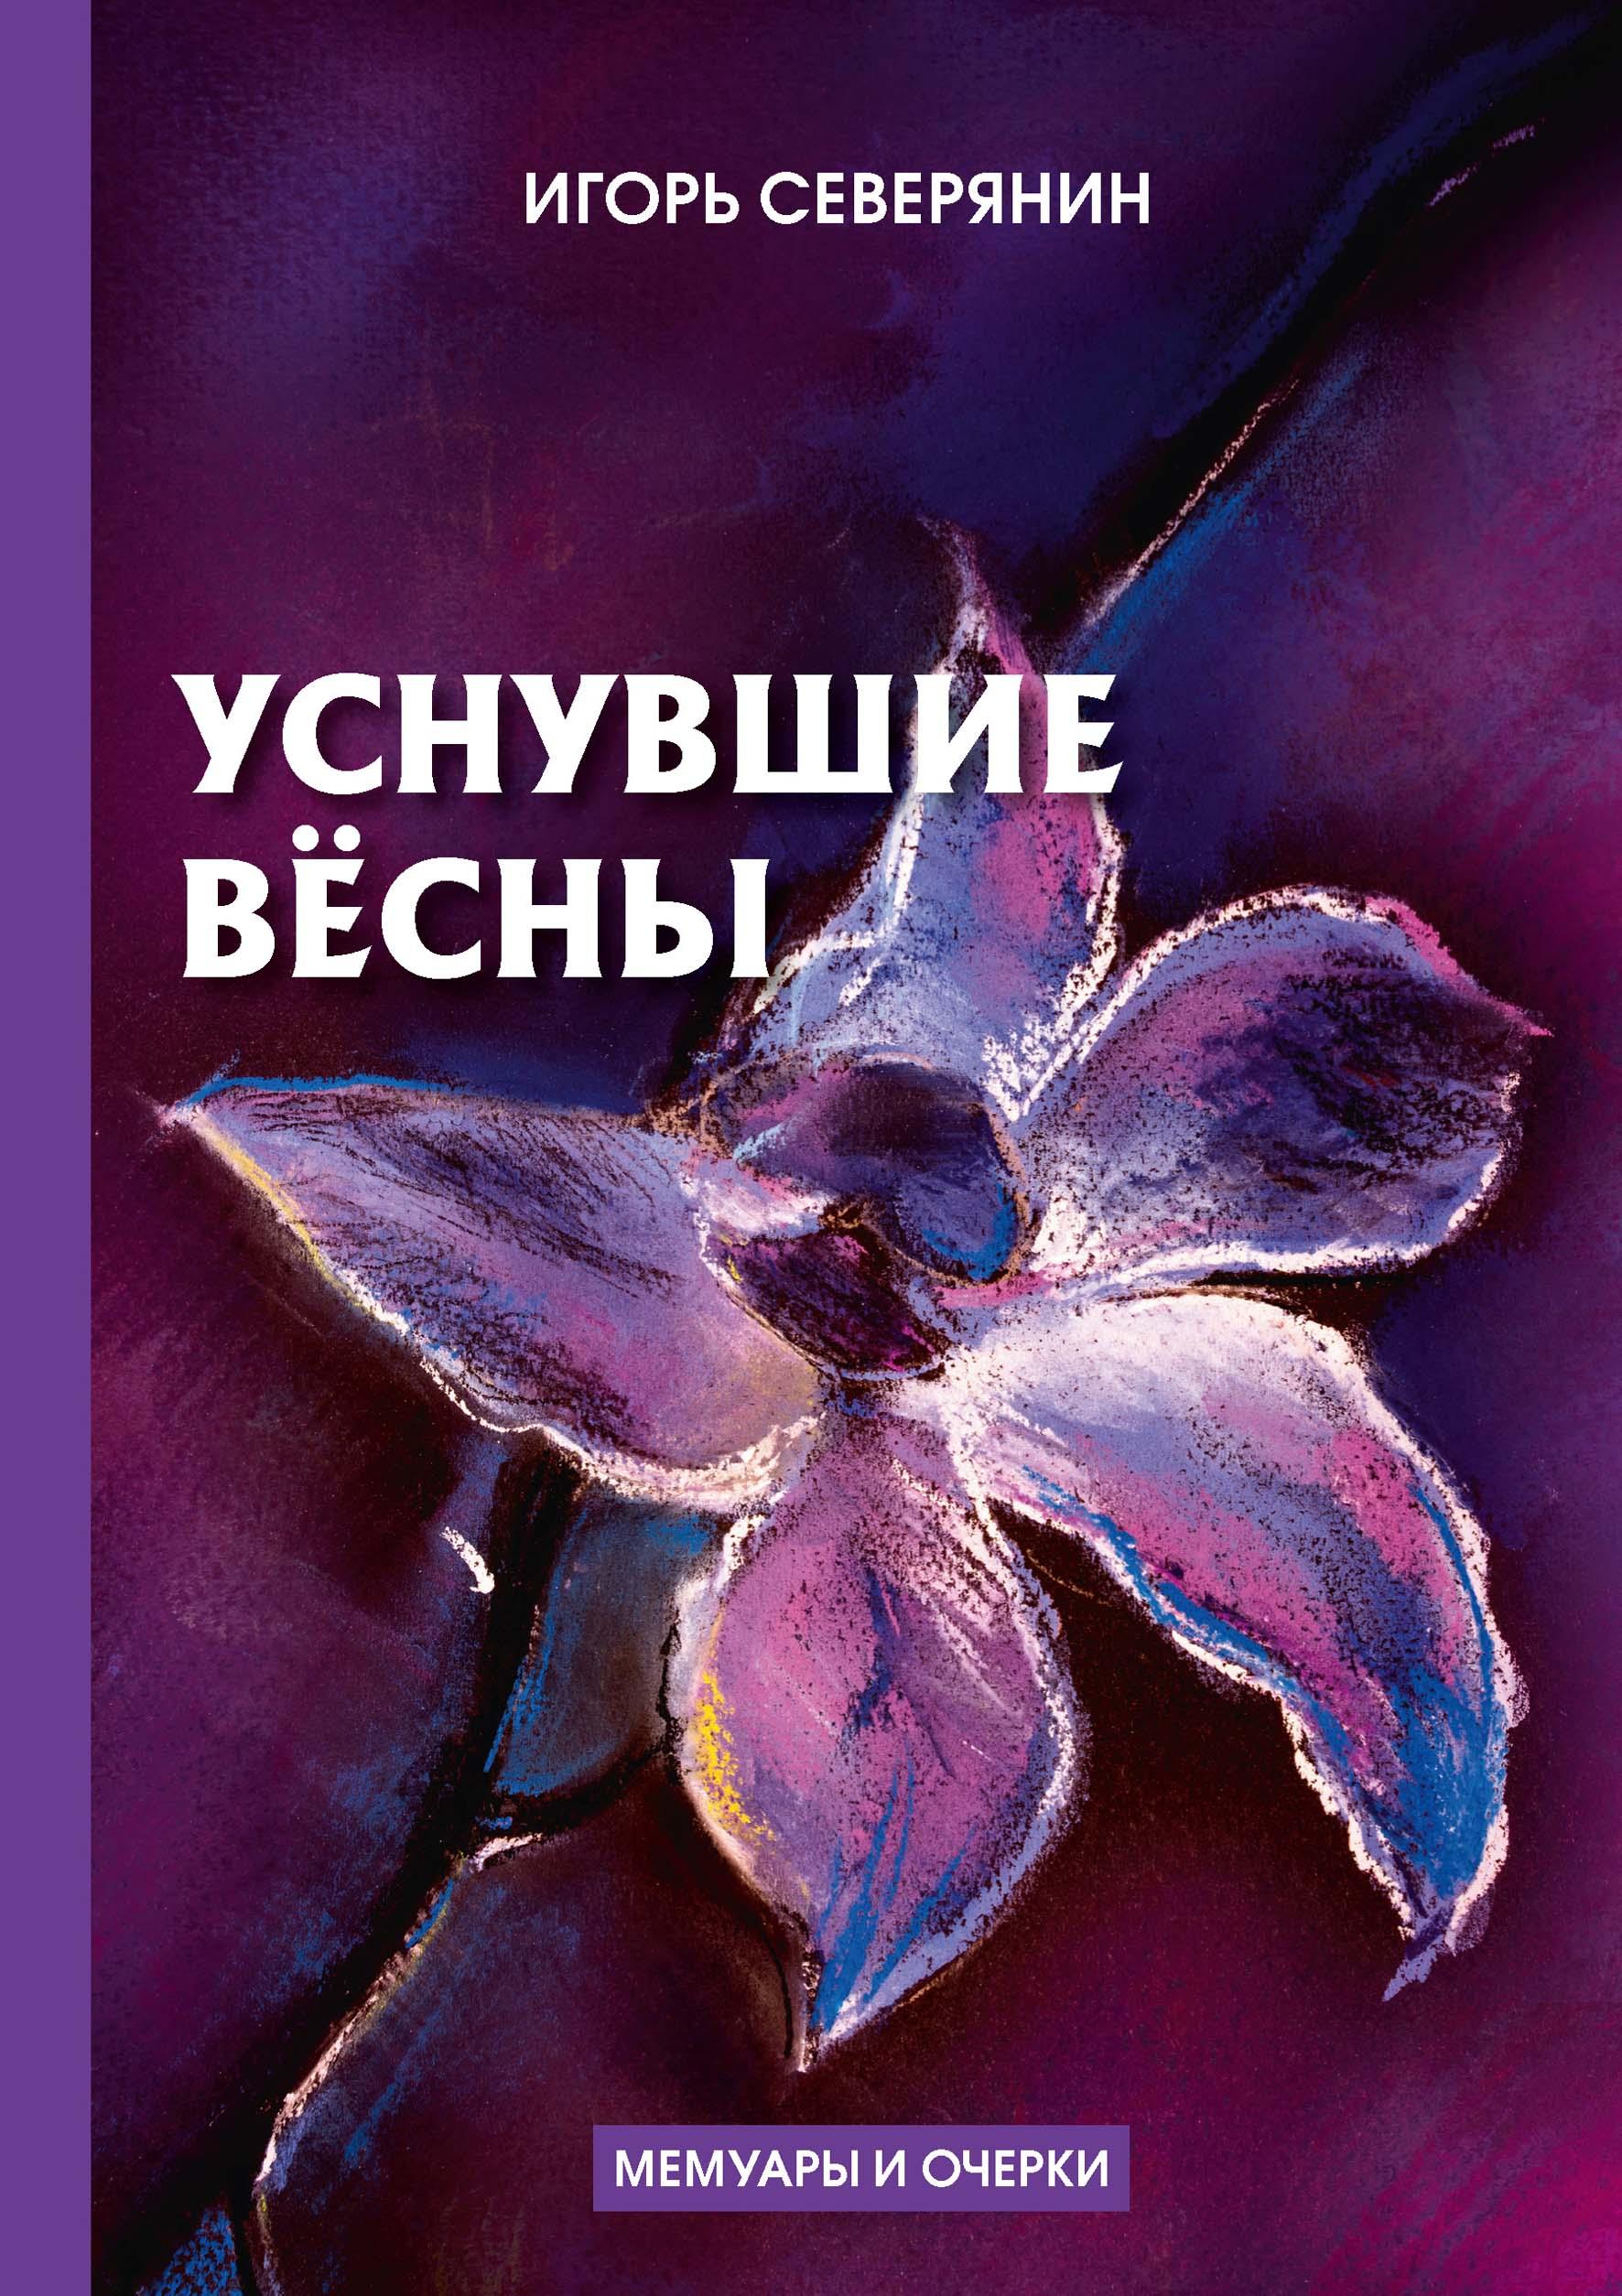 И. Северянин Уснувшие весны. Дневник поэта